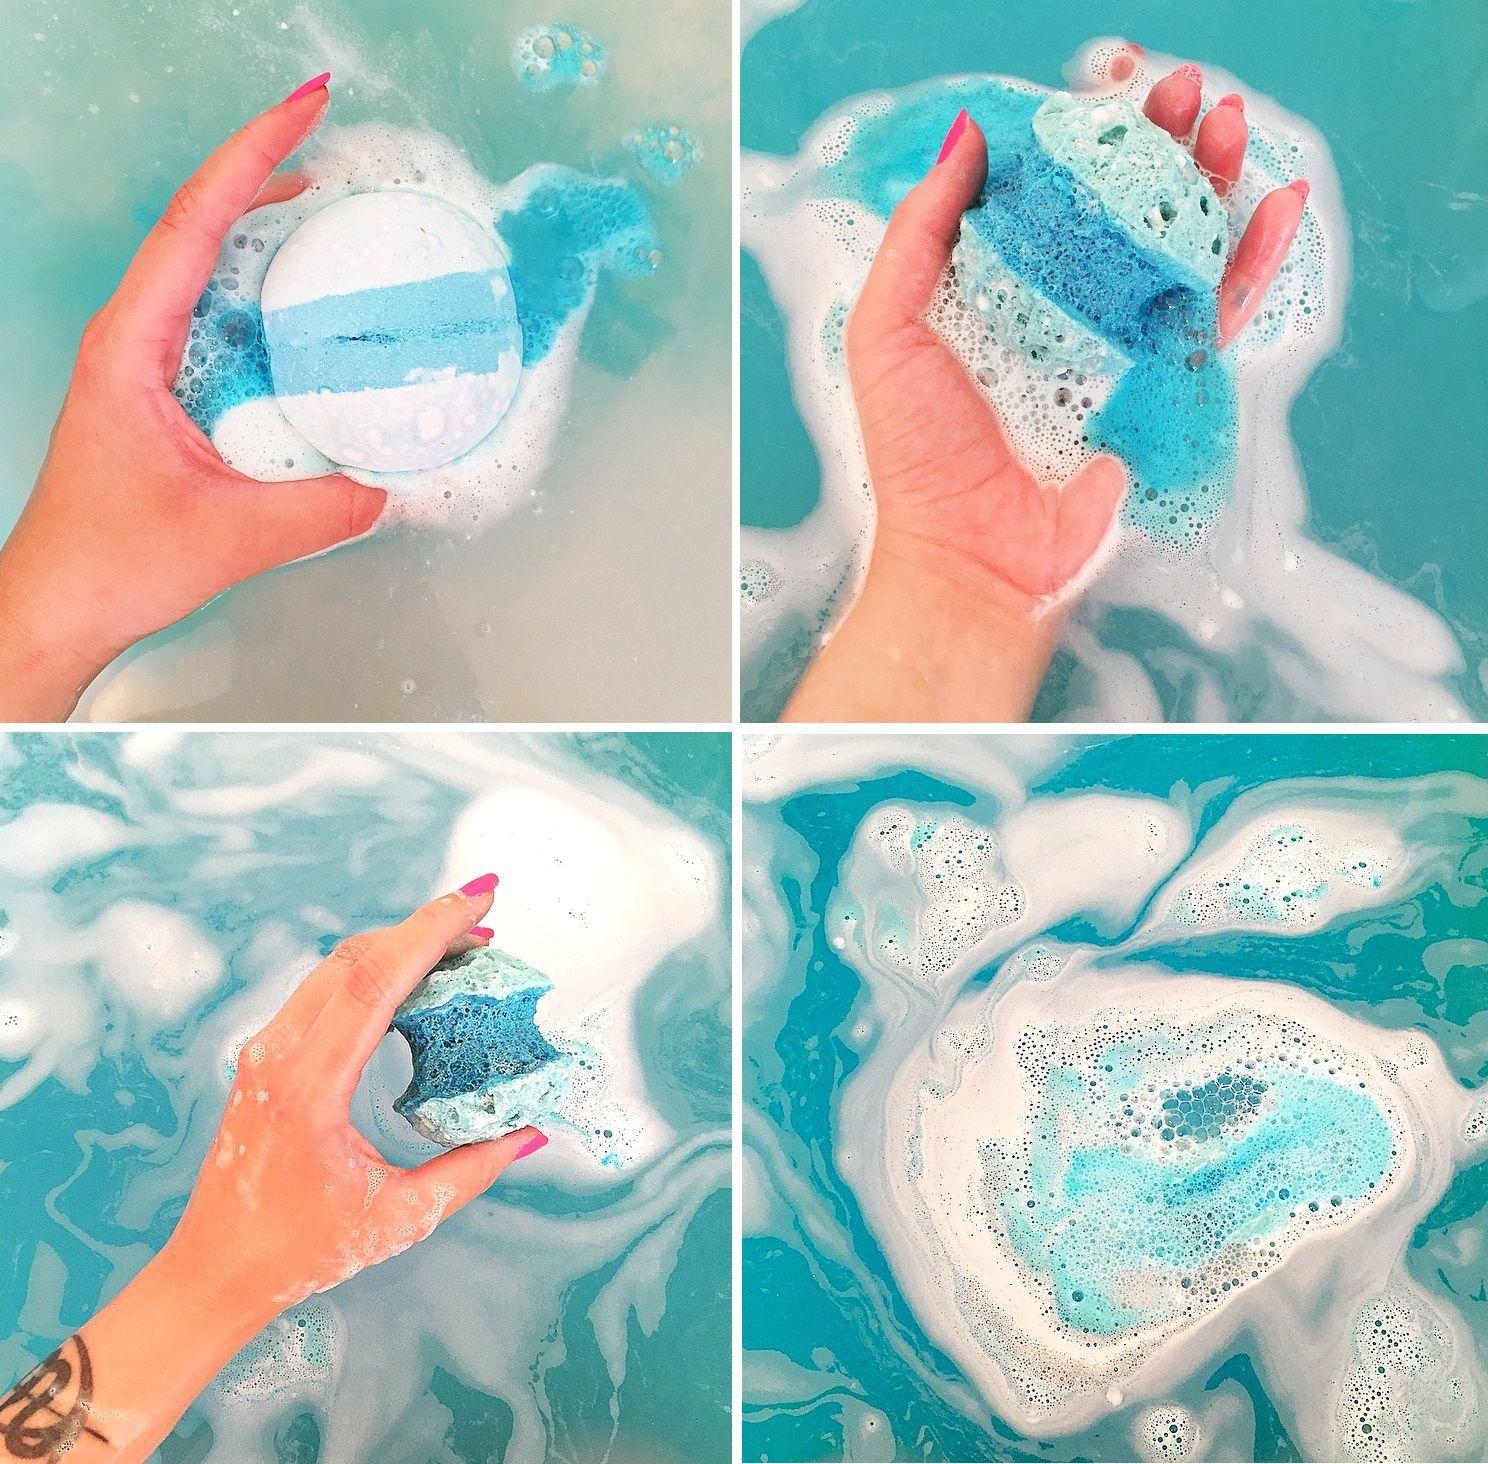 Lush Bath Bombs Review Lush Bath Bombs Review new foto